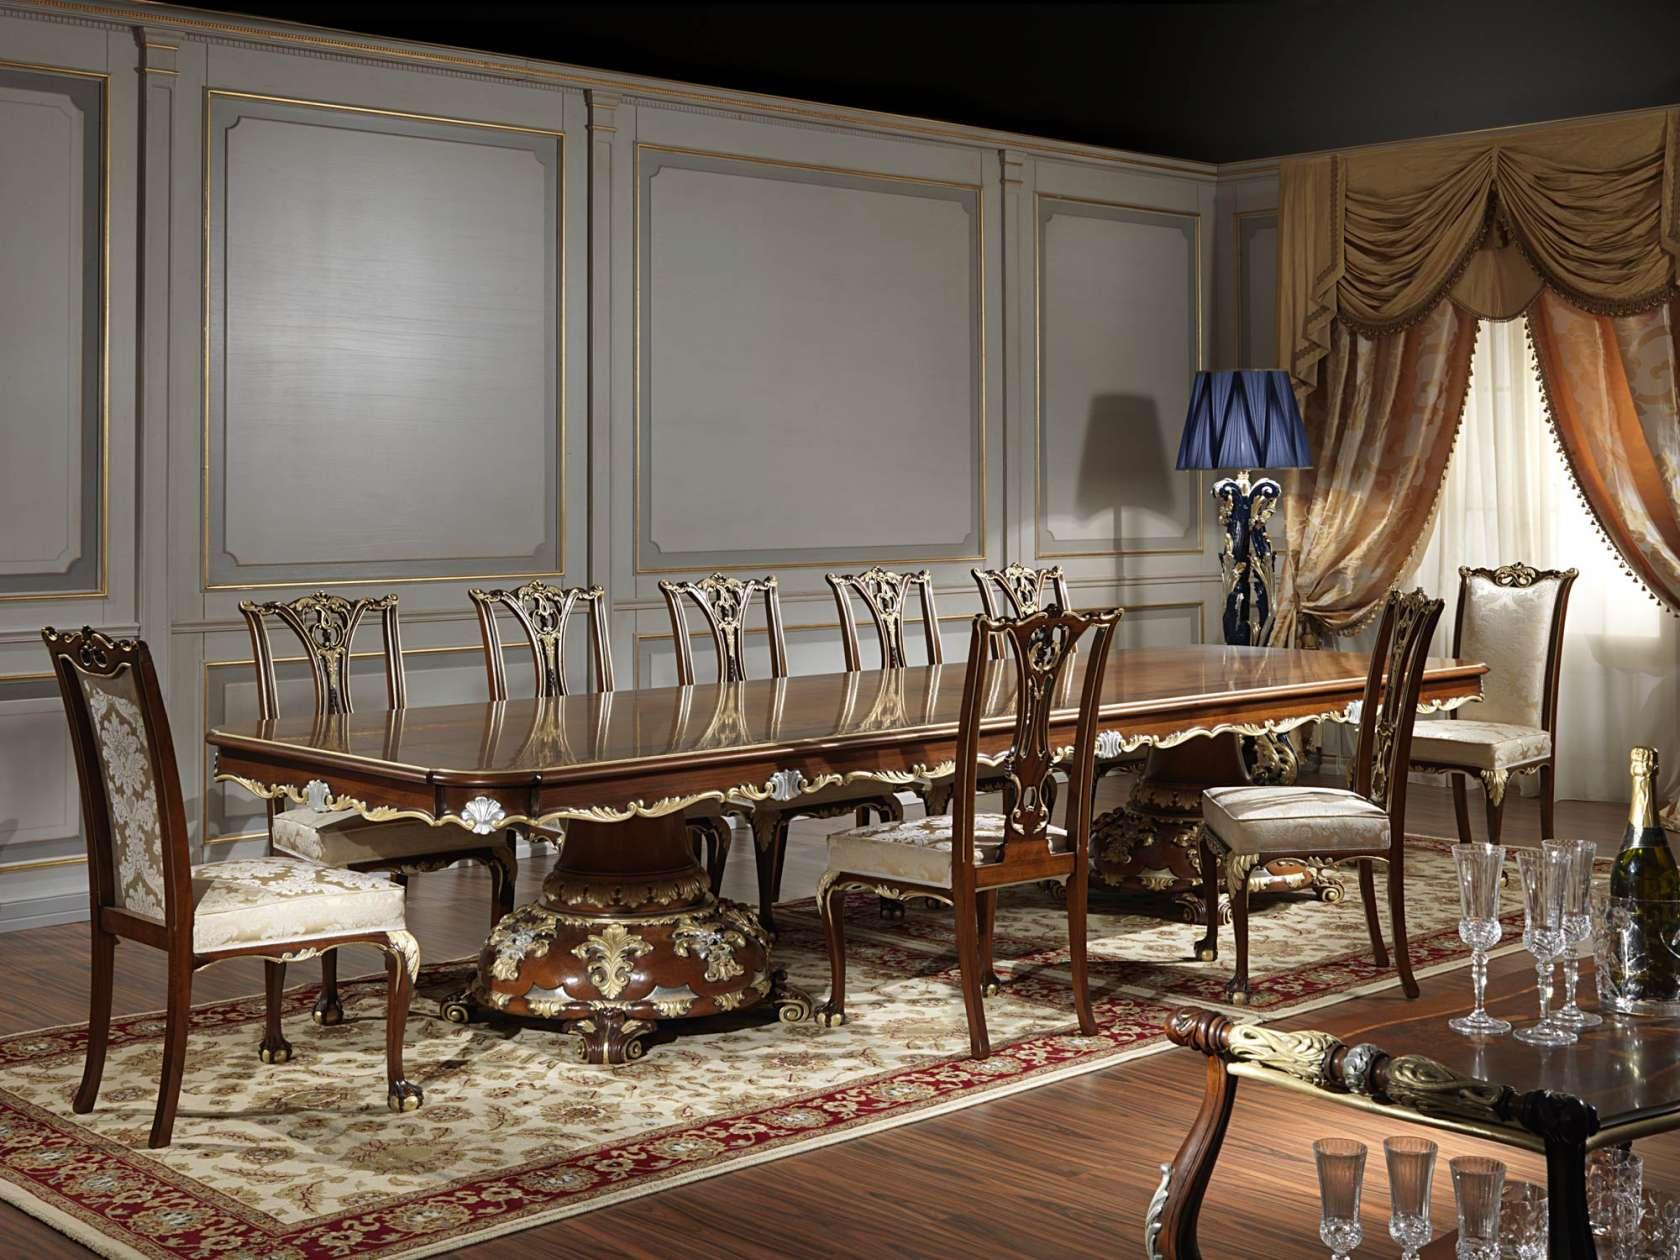 Sedie Classiche Intagliate #975F34 1680 1260 Sedie Per Sala Da Pranzo Classiche